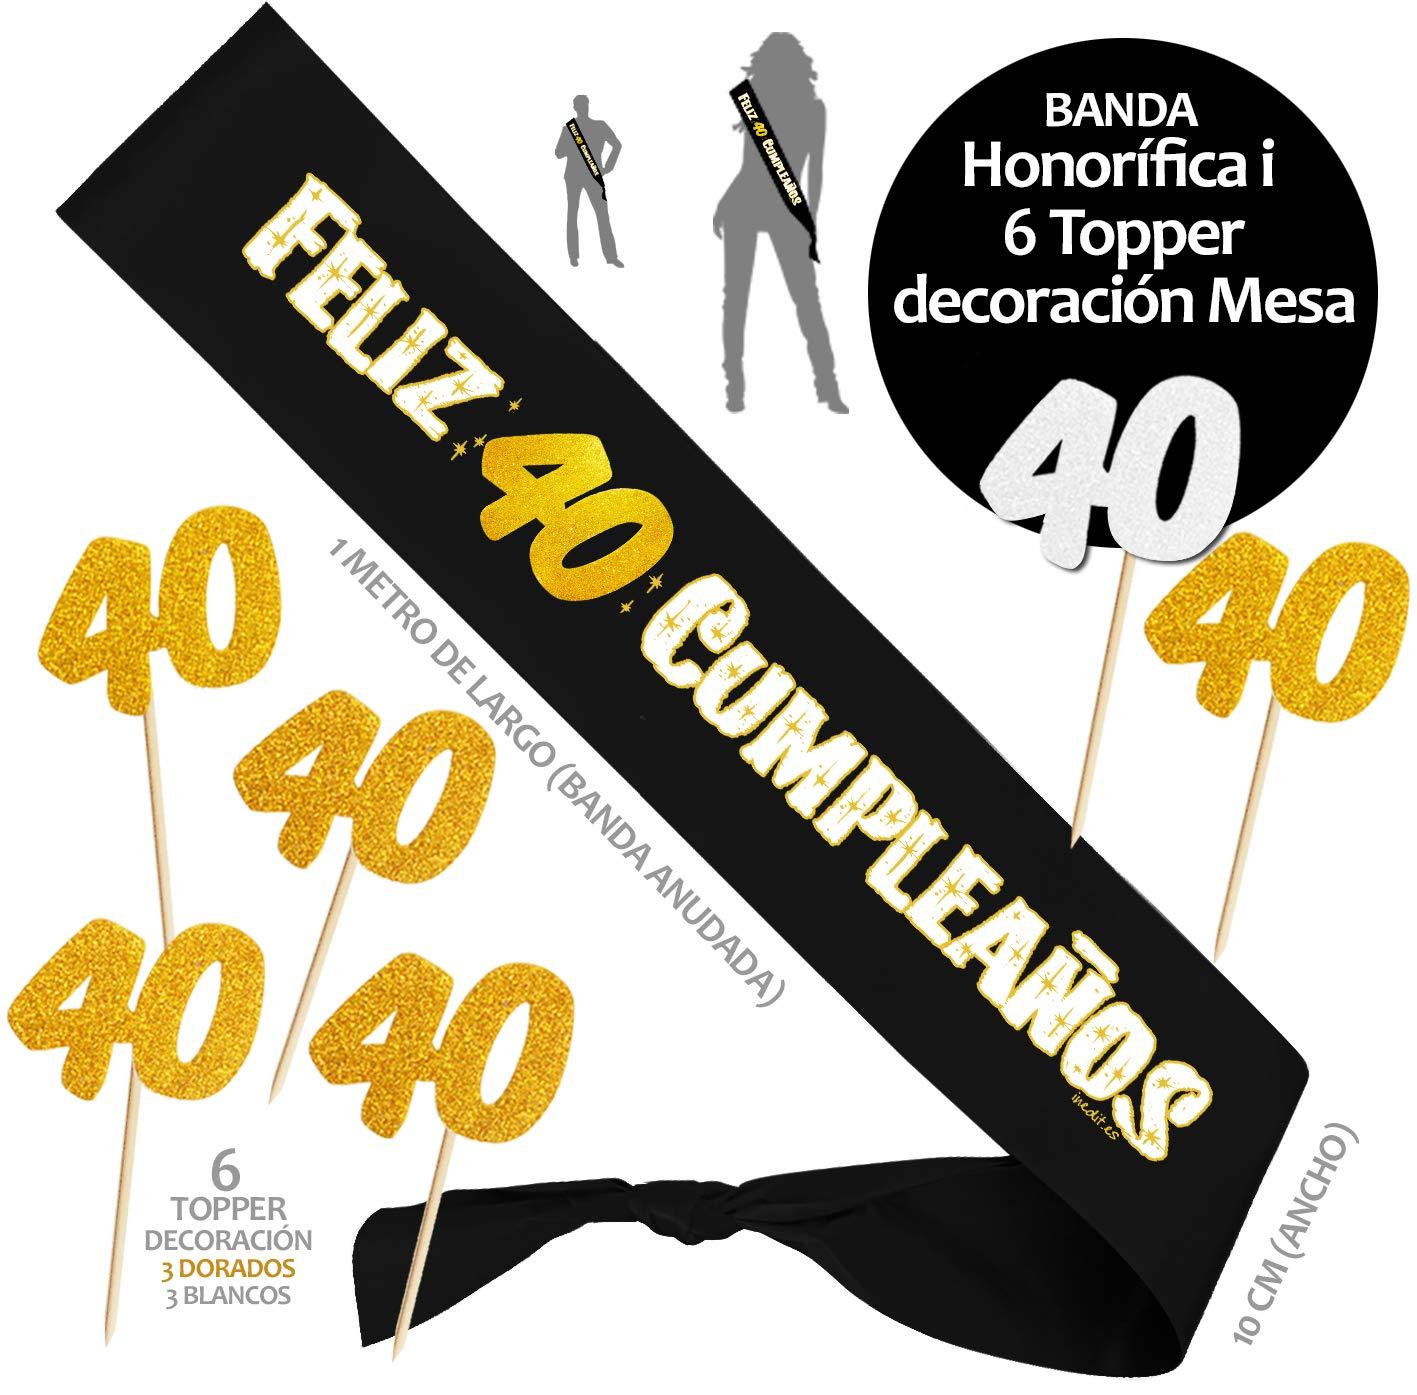 Inedit Festa - Banda 40 Años Cumpleaños Banda Honorífica ...